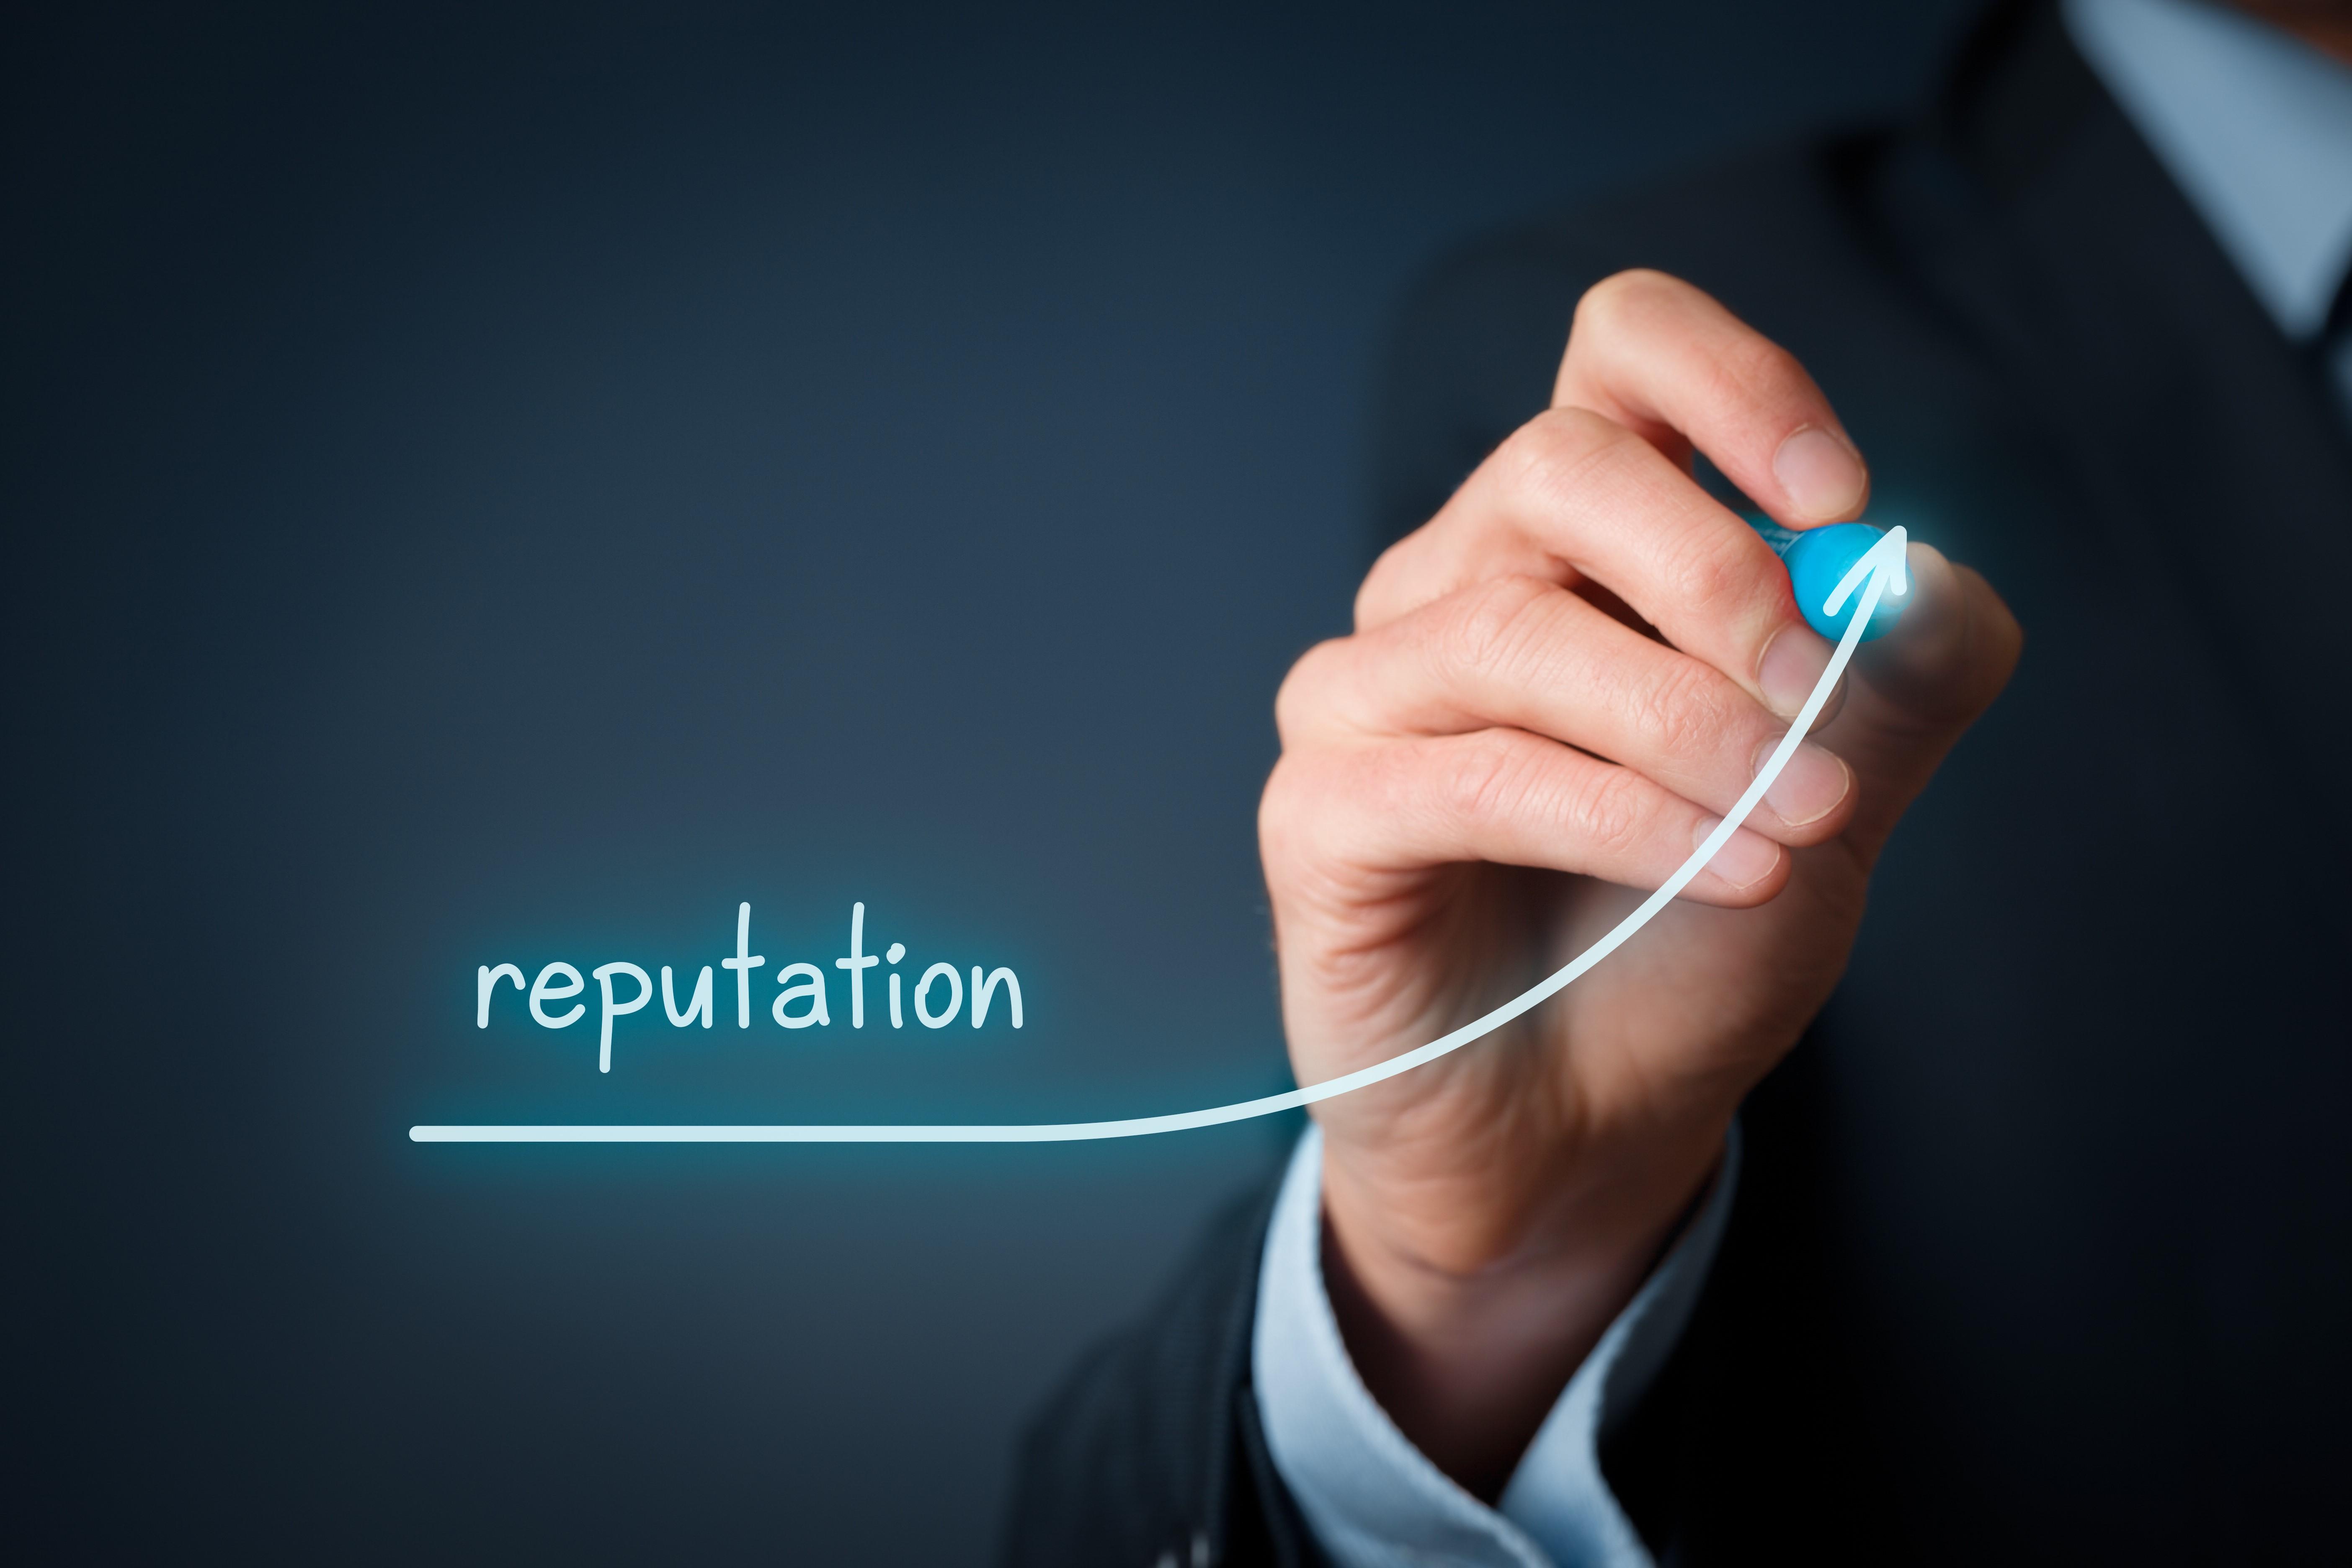 How We Construct Our Corporative Reputation At Marco De Comunicación